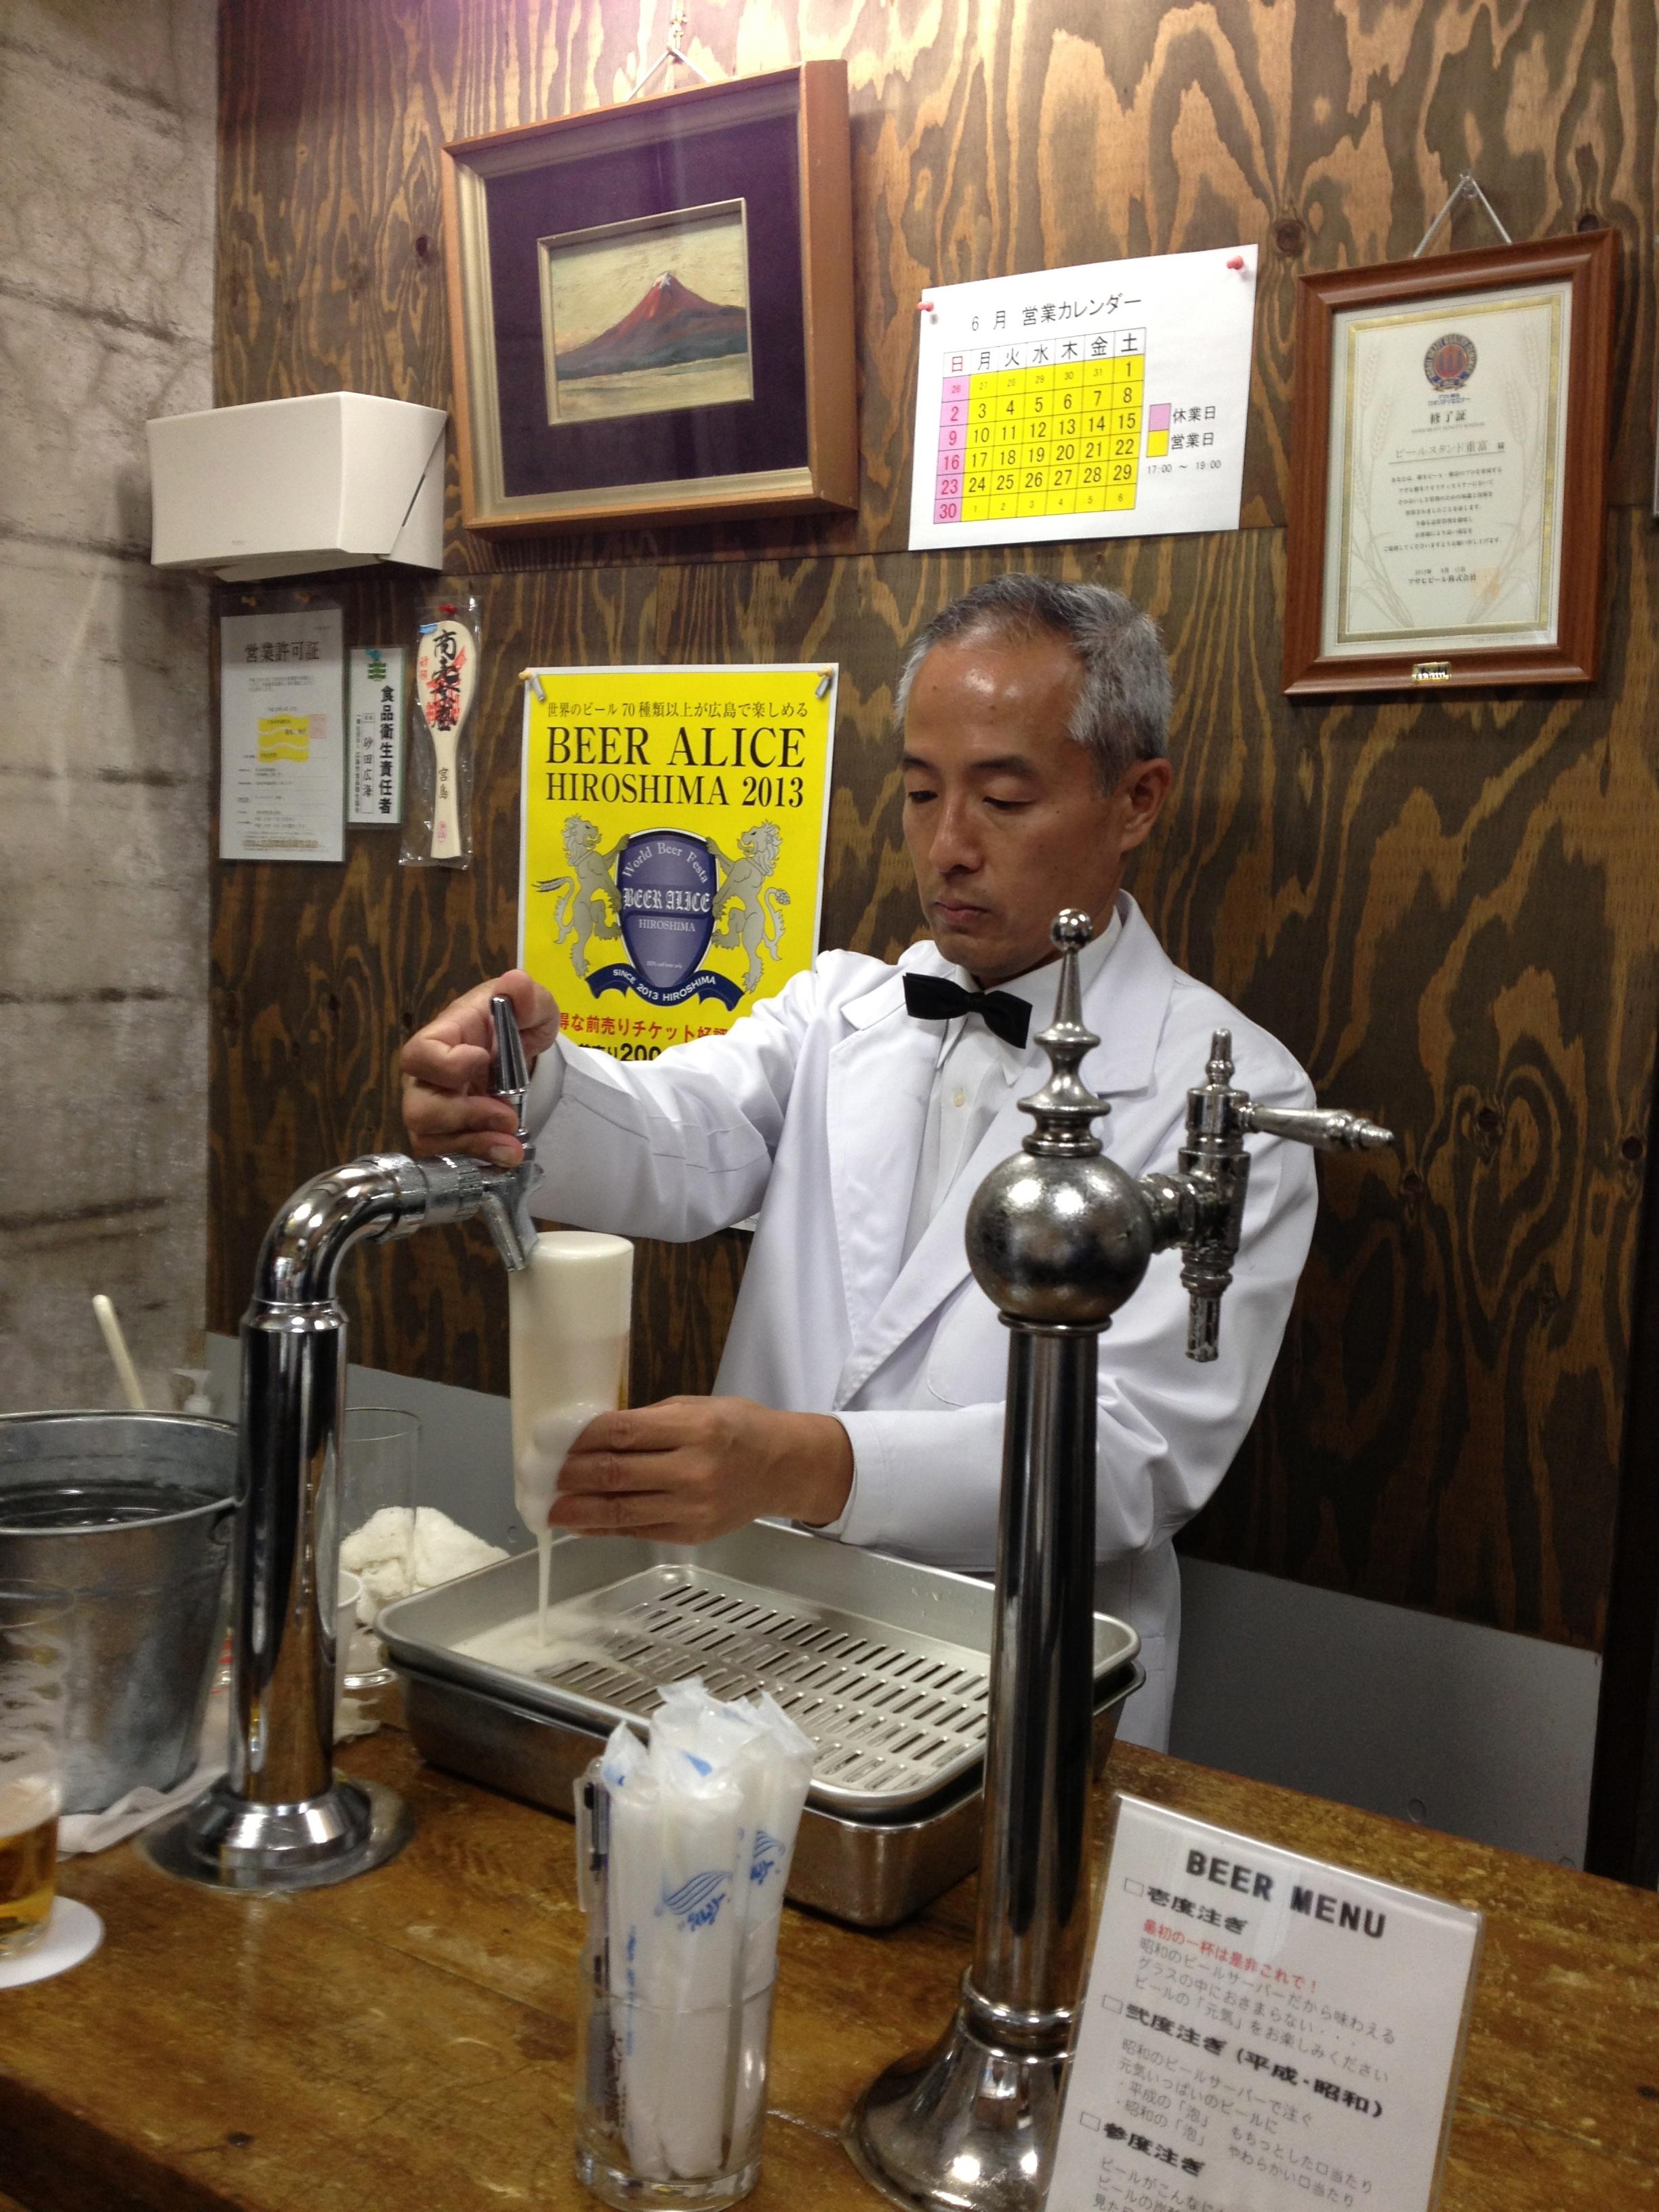 ビールスタンド重富さんは「生ビールを注ぐ」をクリエイティブにしている